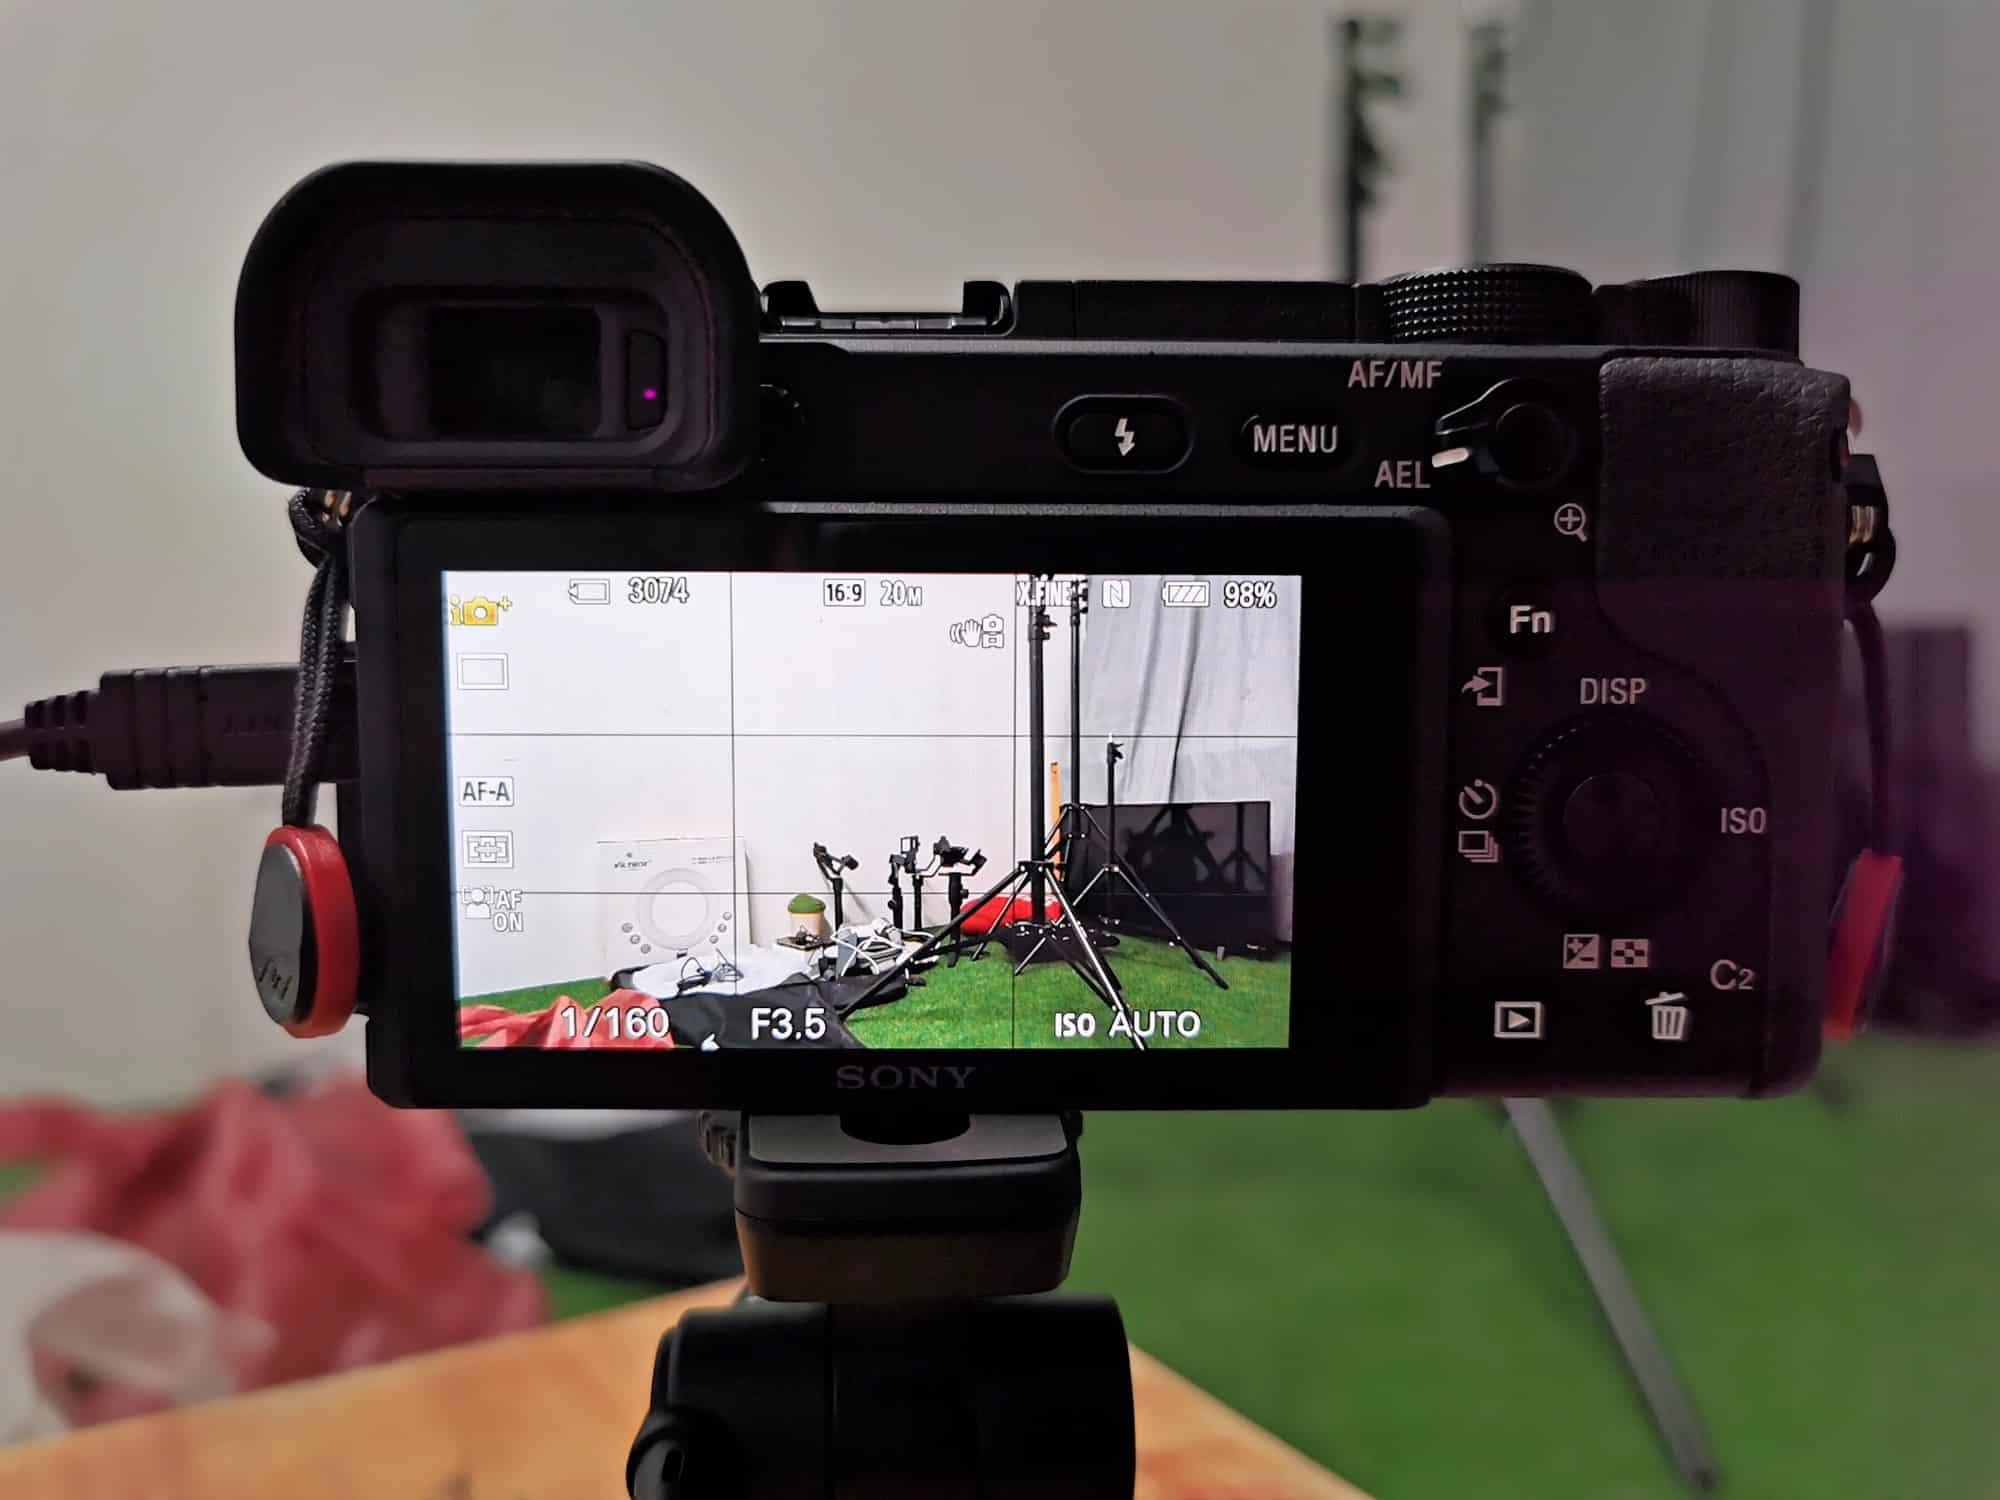 - Sony a6400 กล้องที่ช่วยทำให้การถ่าย VLOG สนุกยิ่งขึ้น